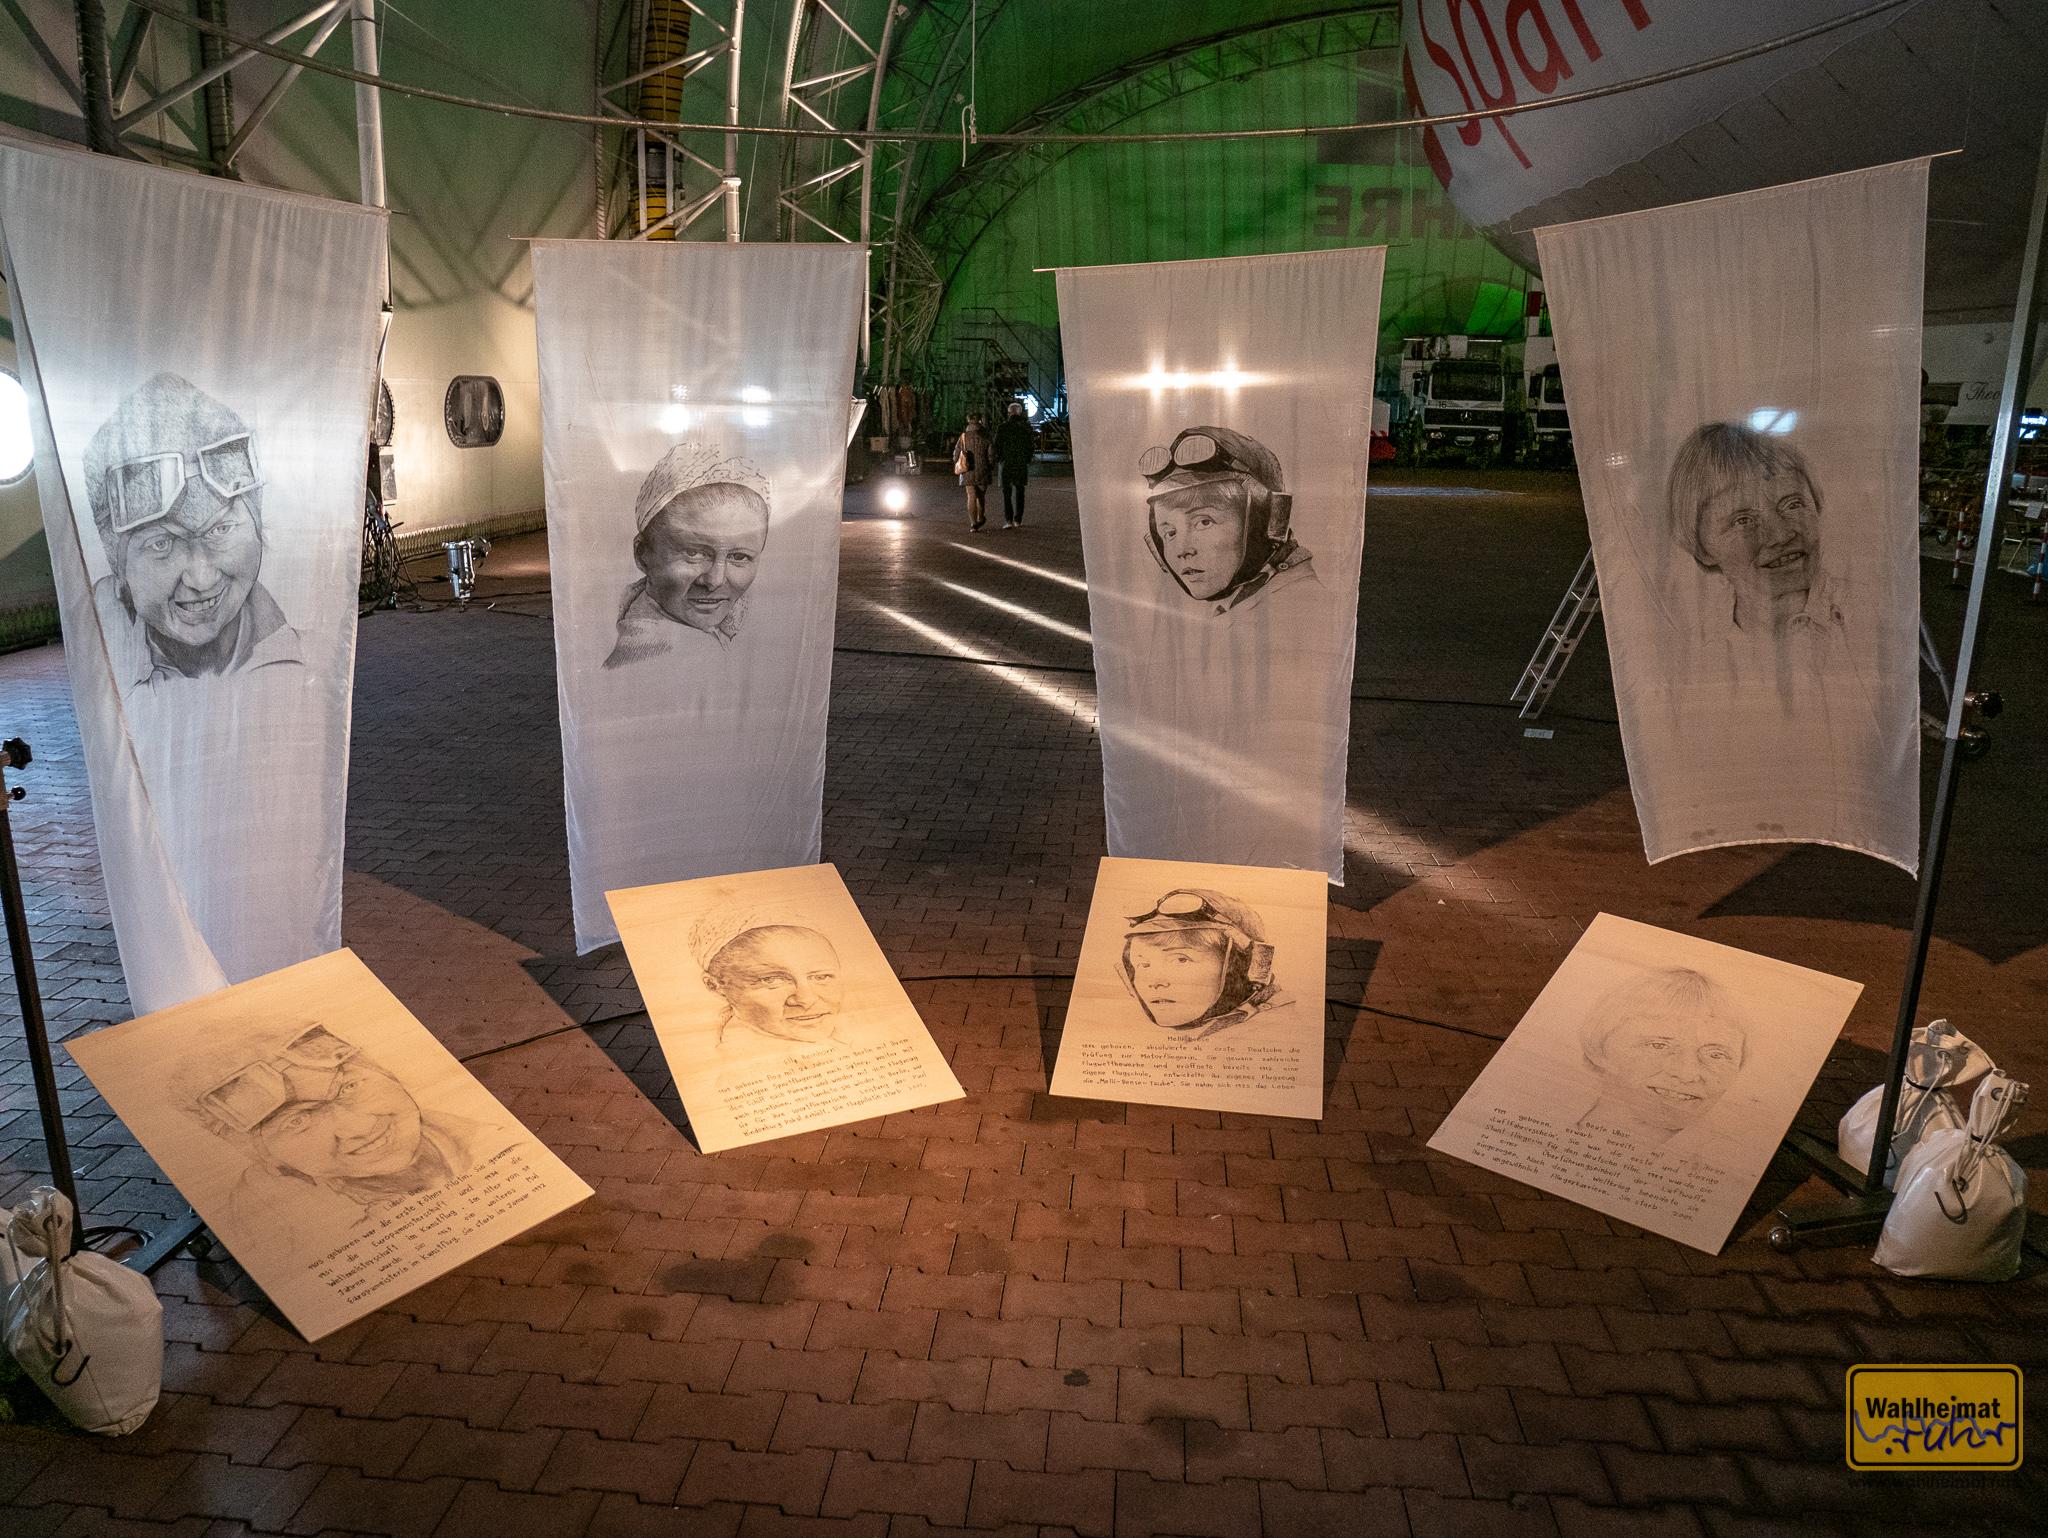 """Uwe Dieter Bleil schuf eine Hommage an weibliche Legenden der Lüfte, unter anderem hat er Beate Uhse auf Seidenbahnen gebannt, die sanft in der Luft schweben: """"Pionierinnen der Luft"""". Tolle Portraits!"""